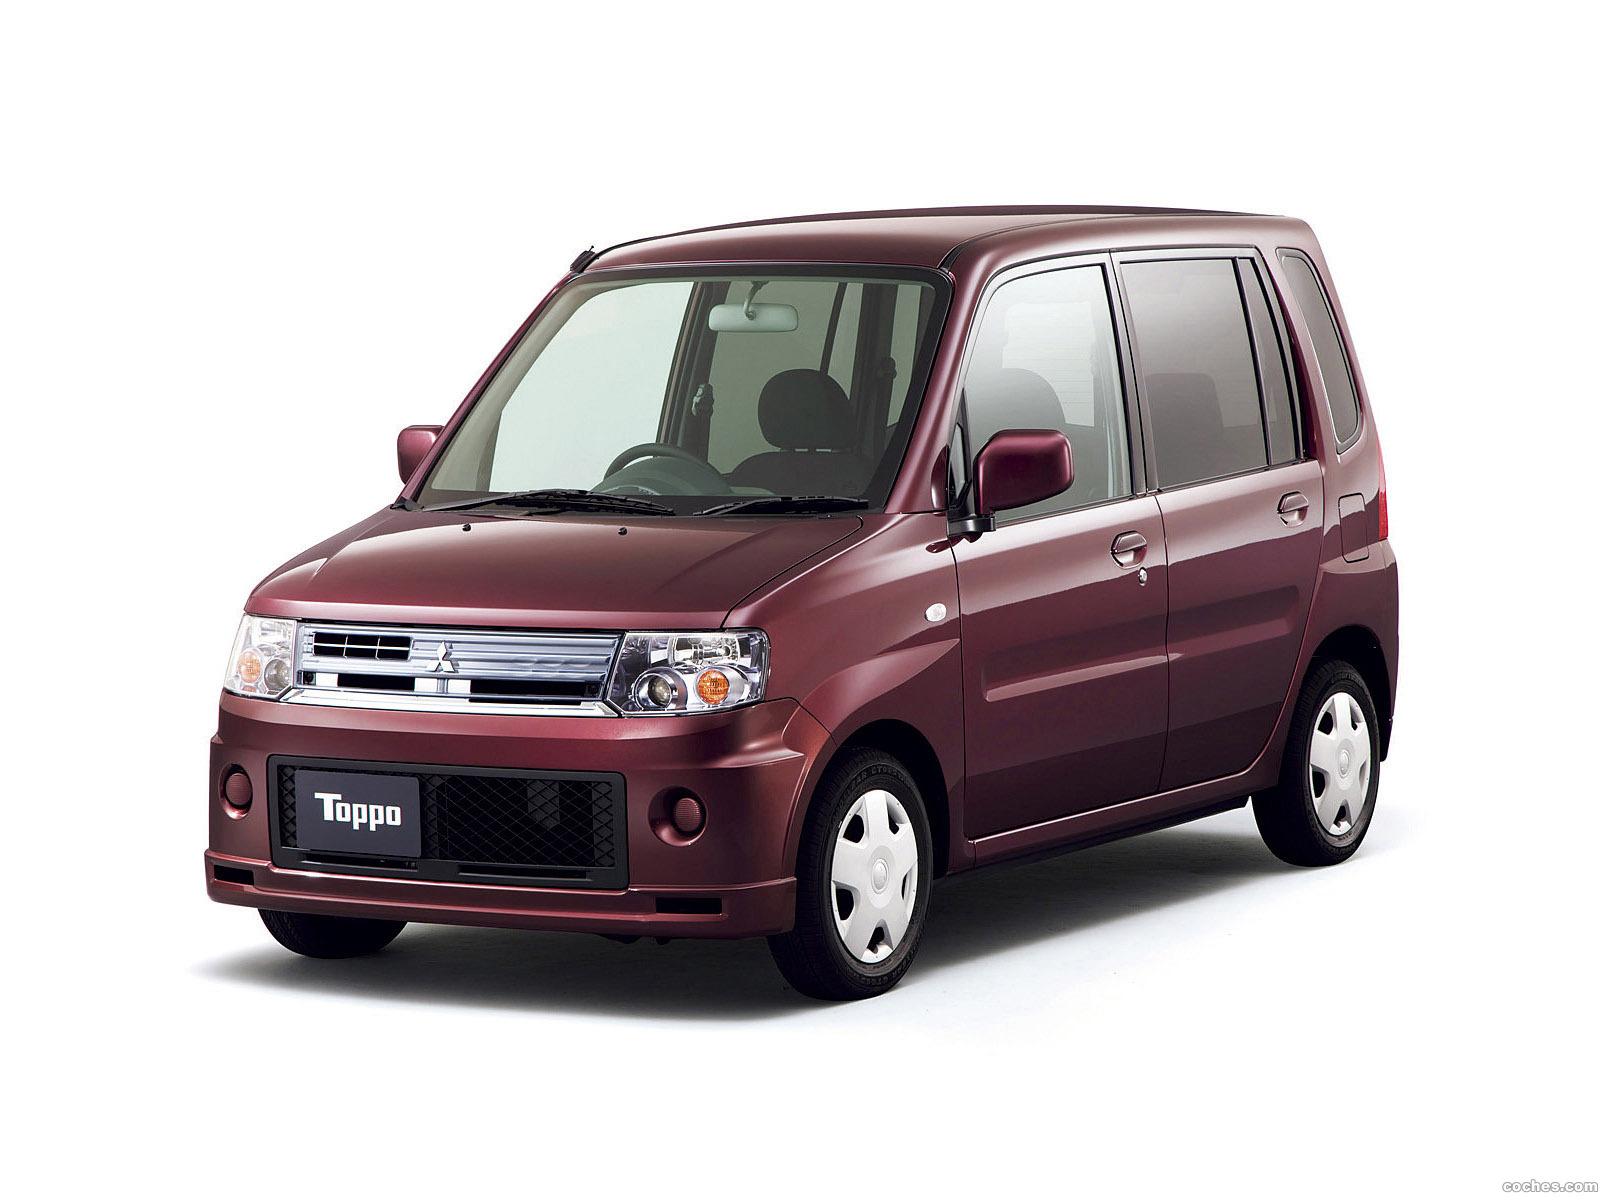 Foto 0 de Mitsubishi Toppo 2008